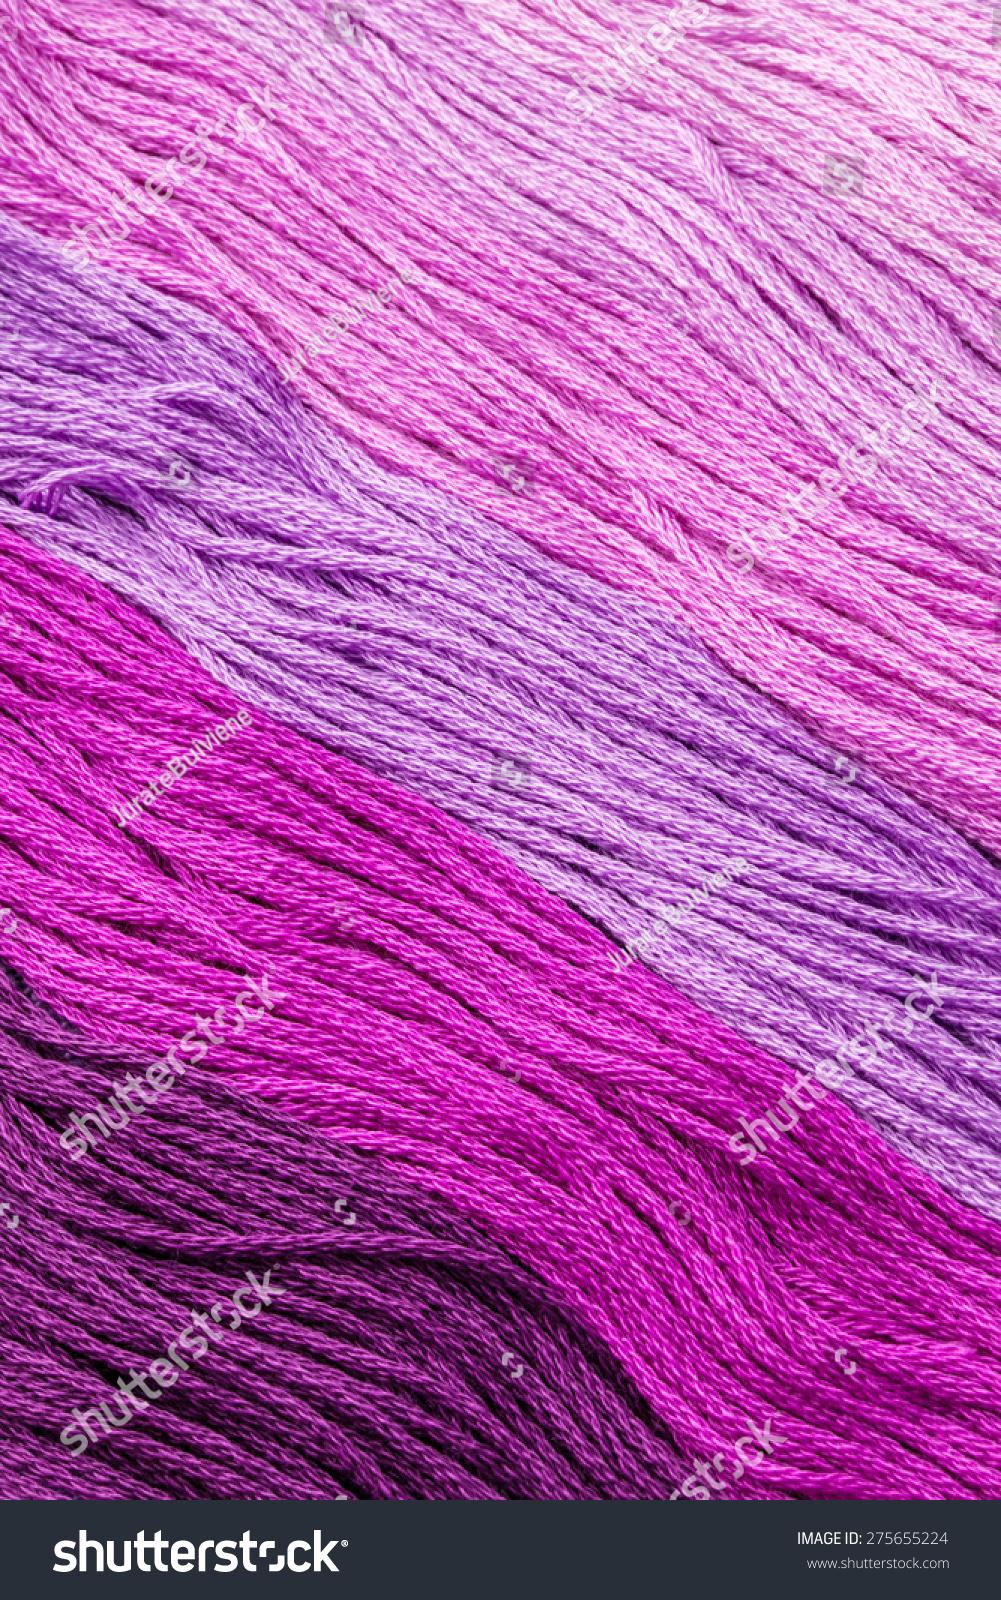 色彩斑斓的粉红色纱绣.-背景/素材,其它-海洛创意()-.